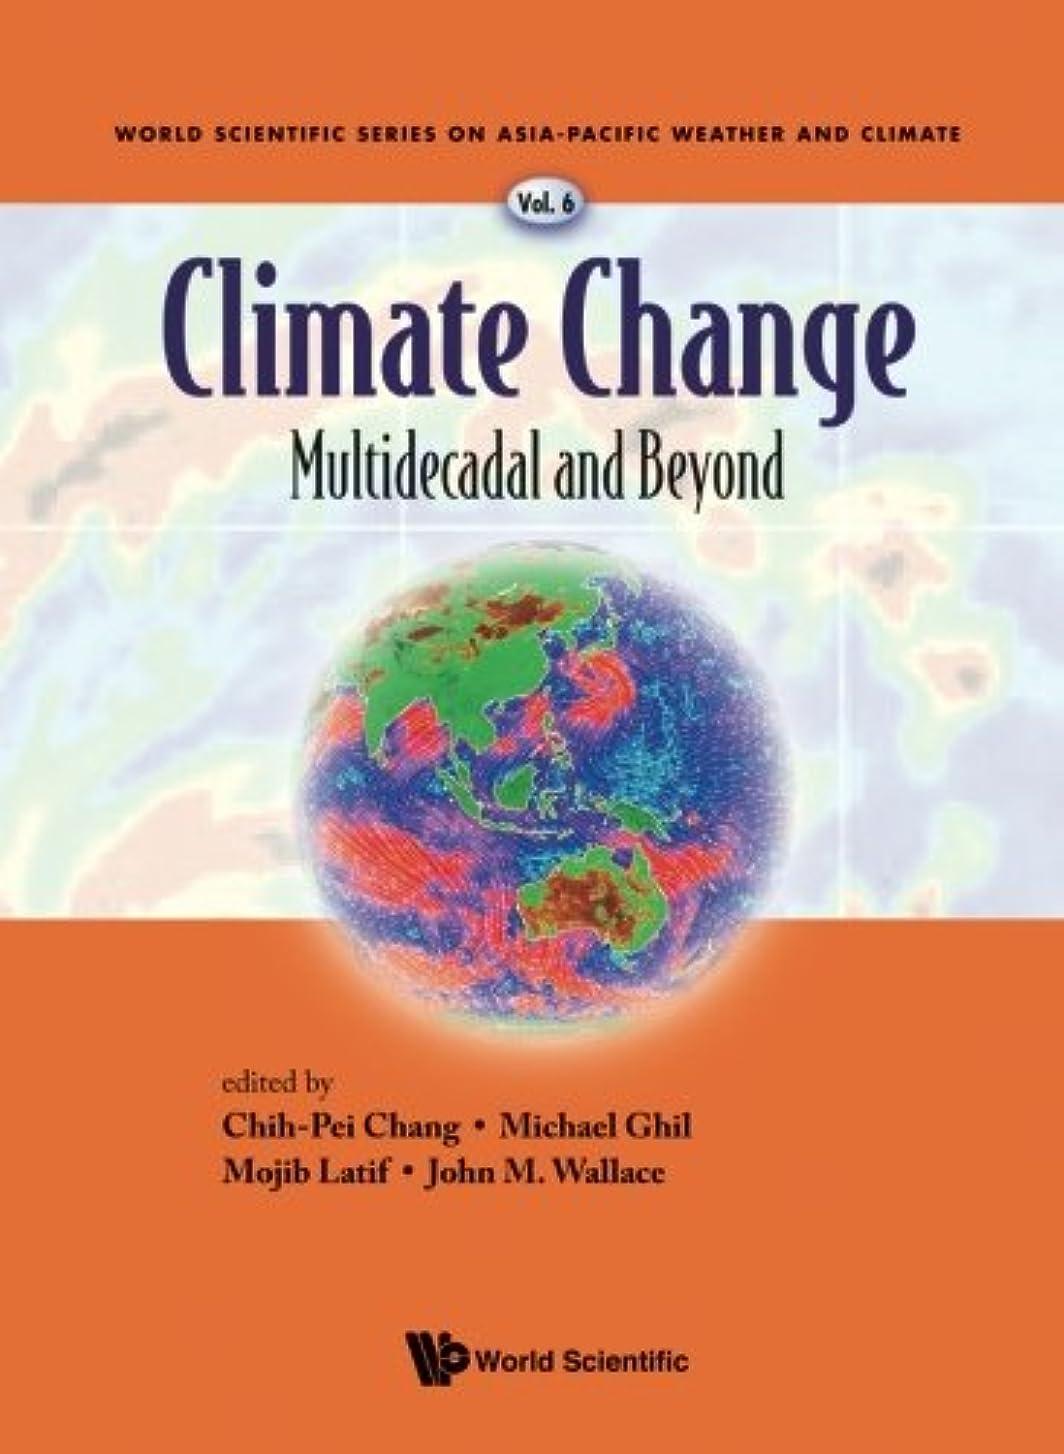 ゆり上へ天才Climate Change: Multidecadal And Beyond